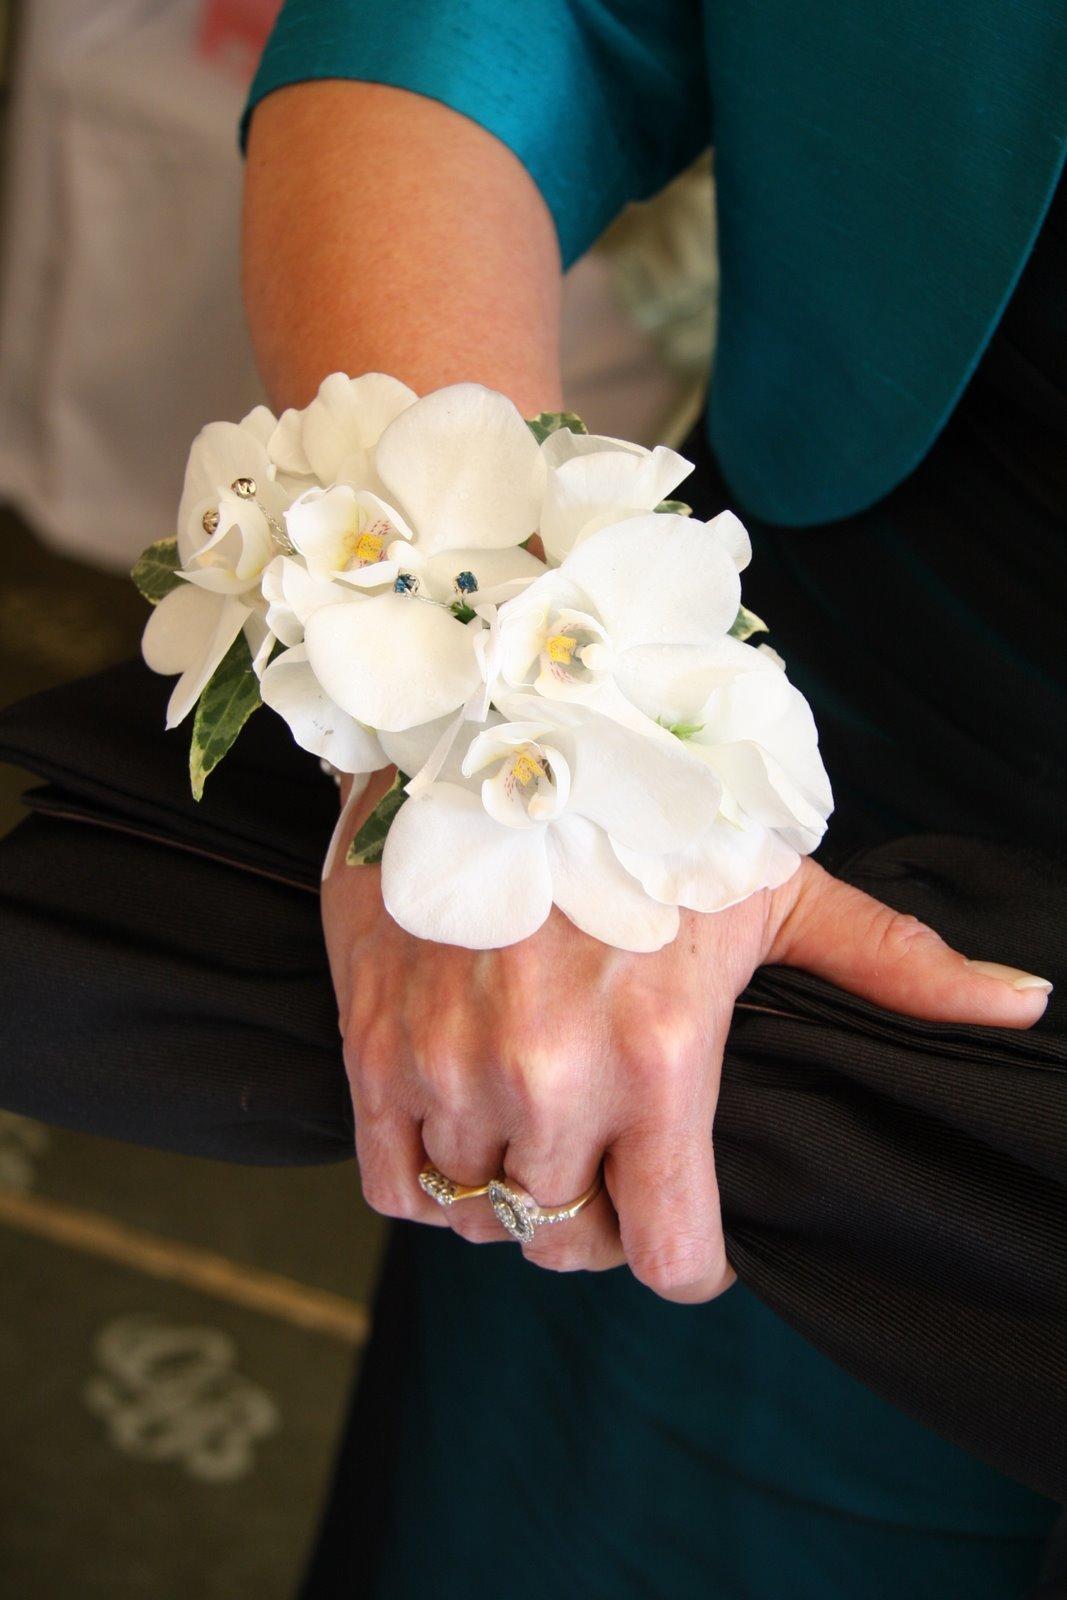 Цветов, живые цветы на руку купить спб